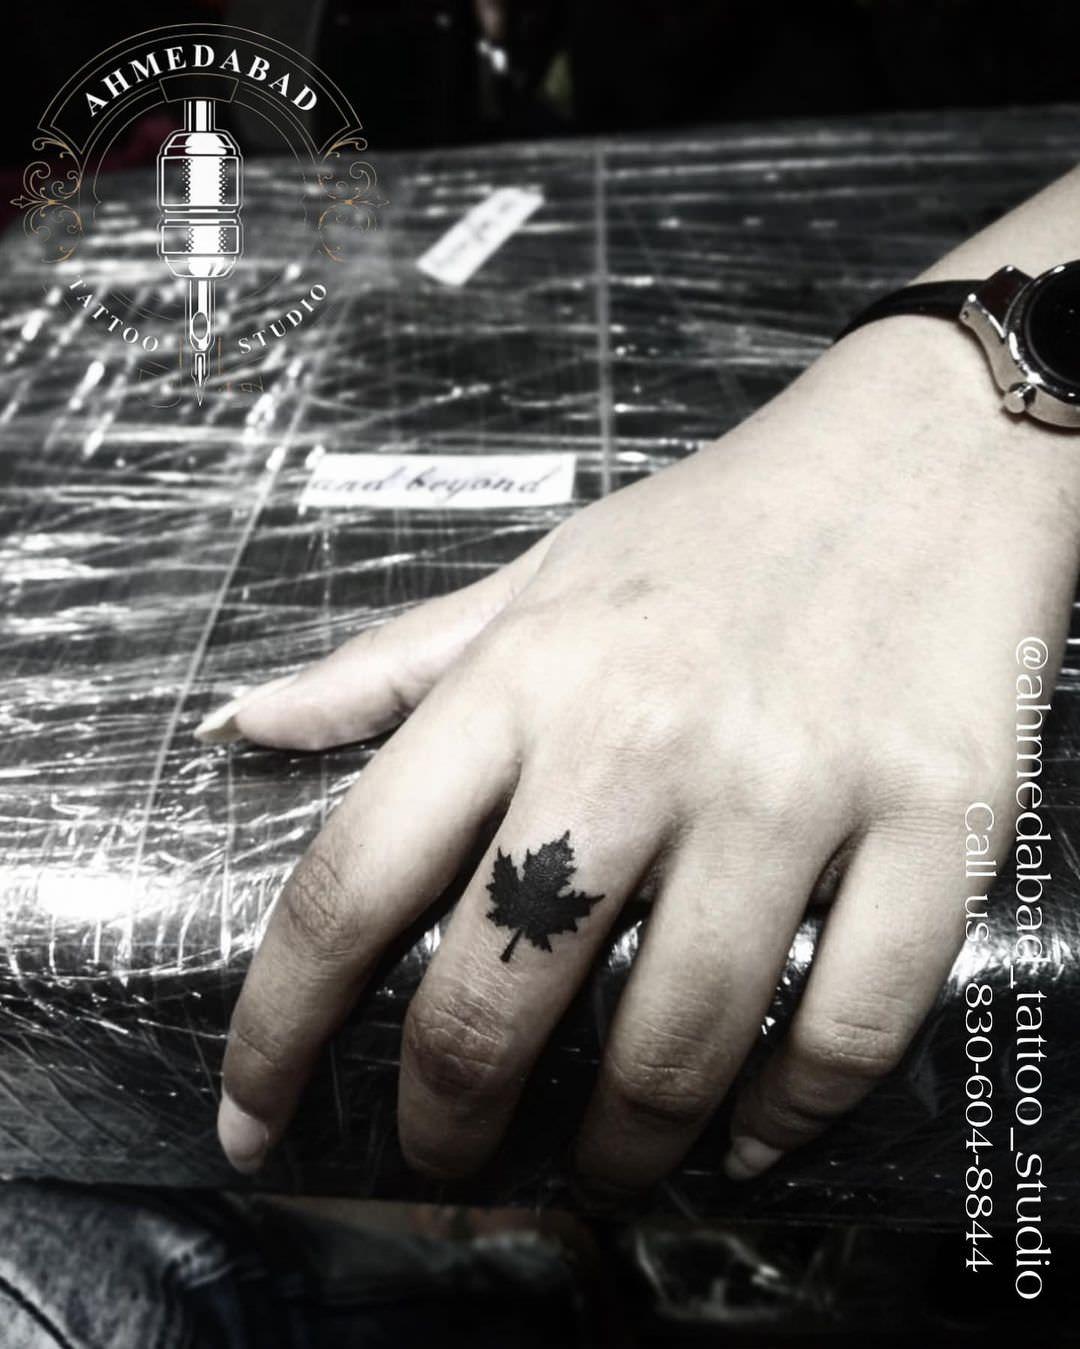 ahmedabad_tattoo_studio_66691257_3024651130909775_7981335929388433722_n